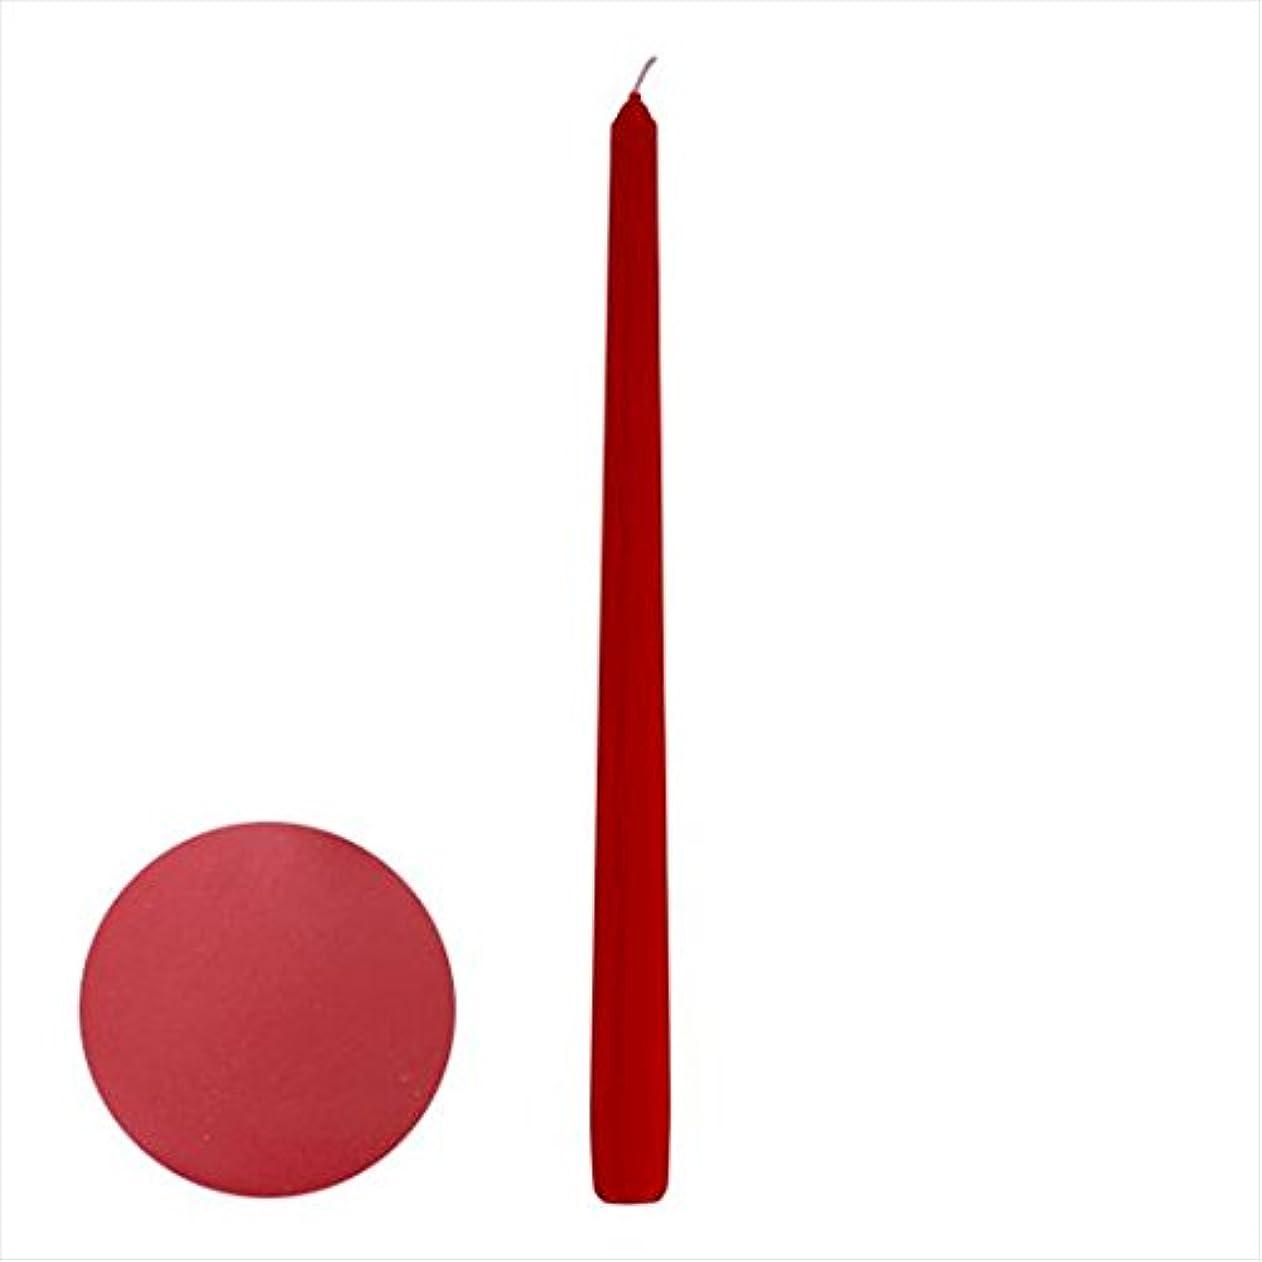 尾くしゃくしゃ類推カメヤマキャンドル(kameyama candle) 12インチテーパー 「 ダークレッド 」 12本入り